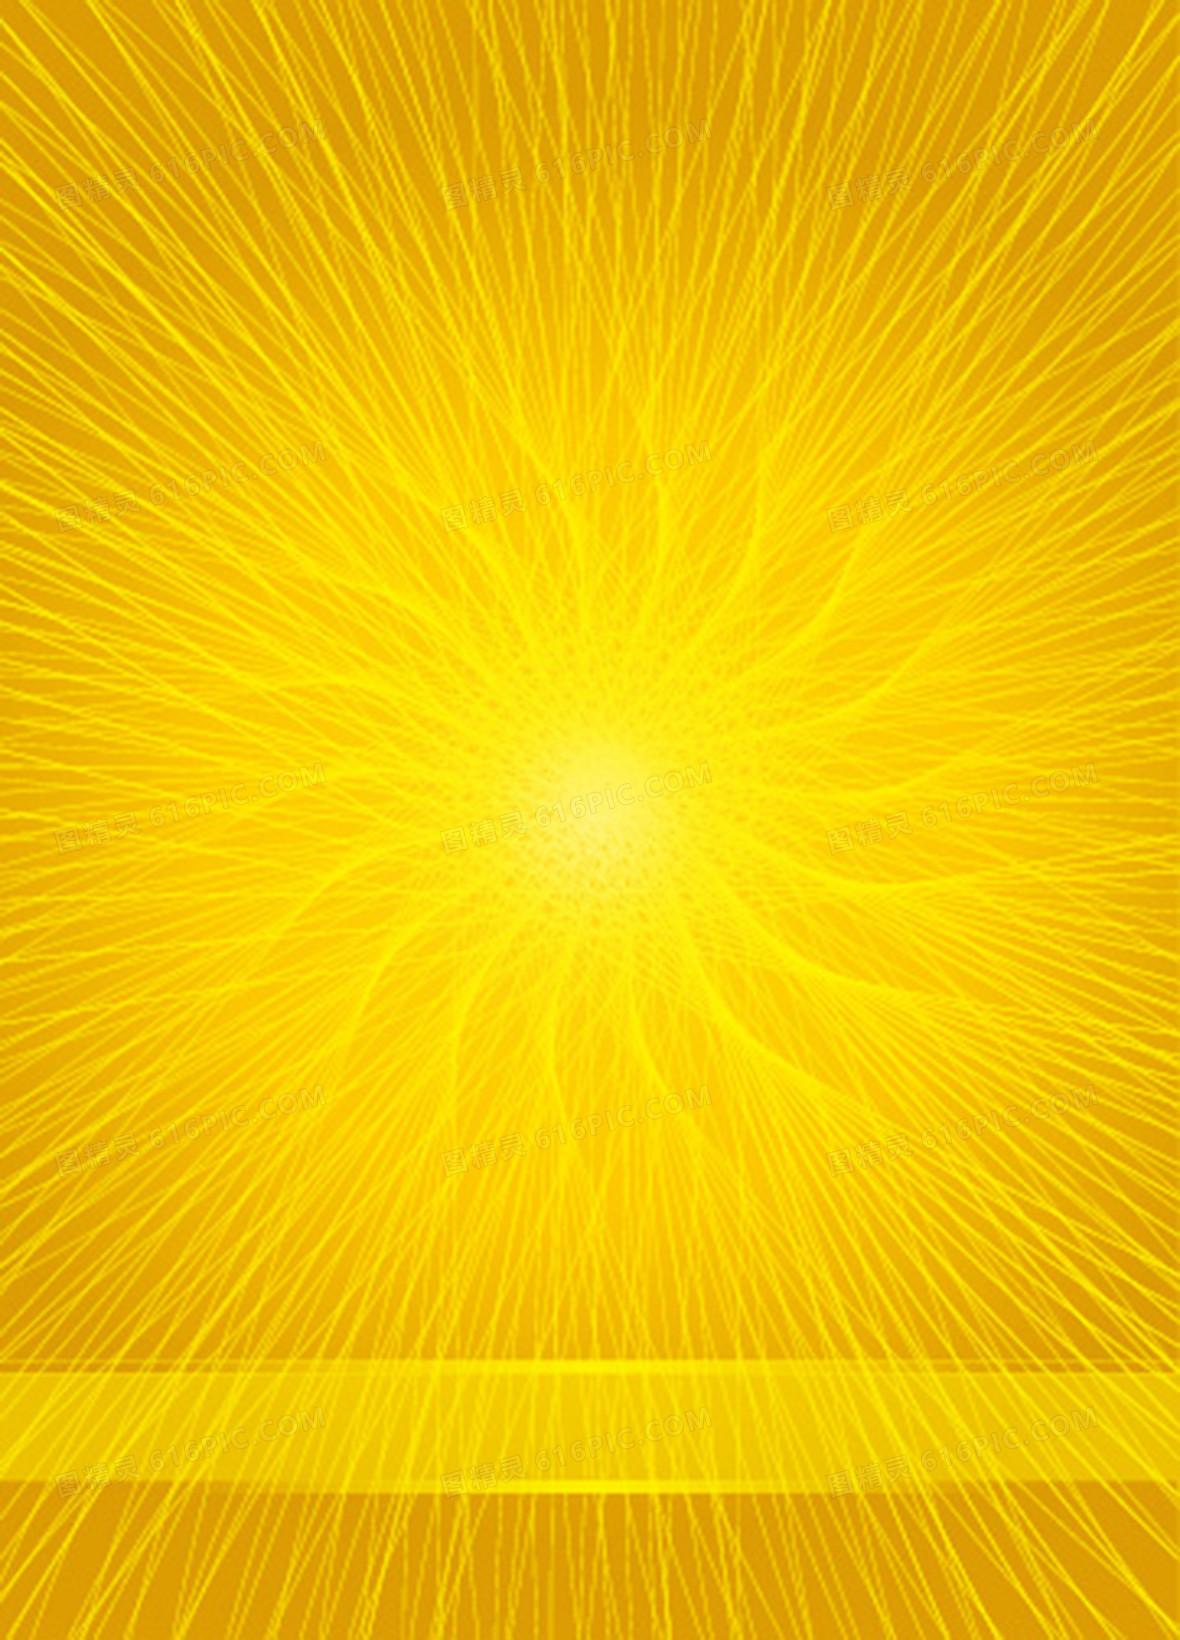 橙色发光线条背景素材